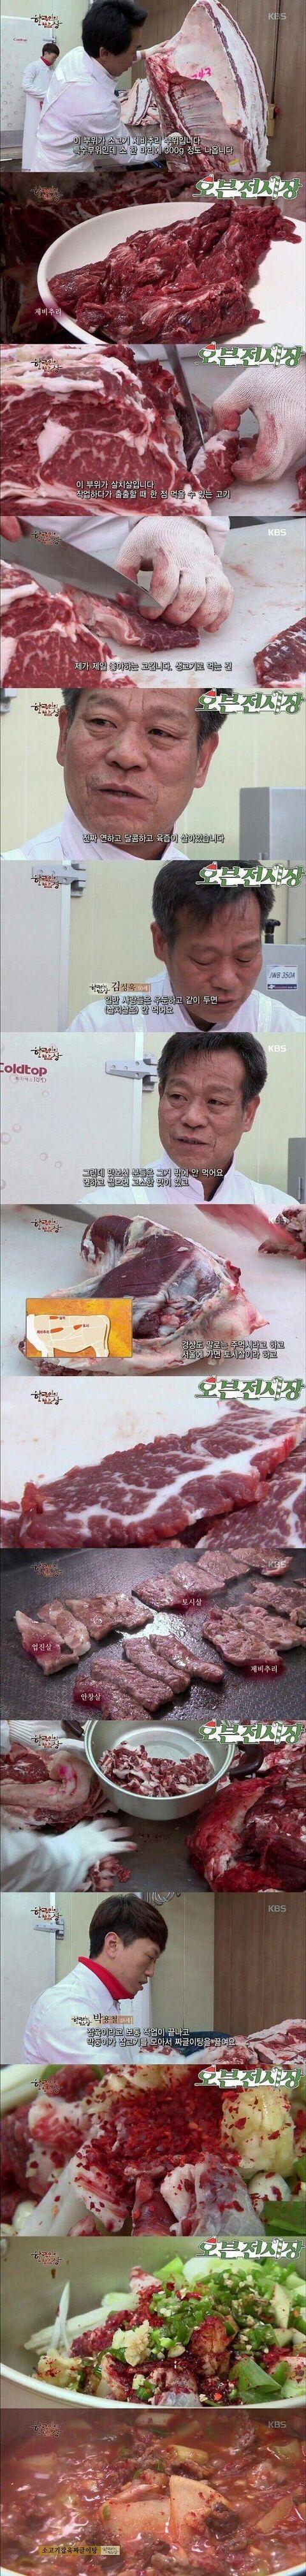 전문가가 고른 소고기 맛있는 부위.JPG